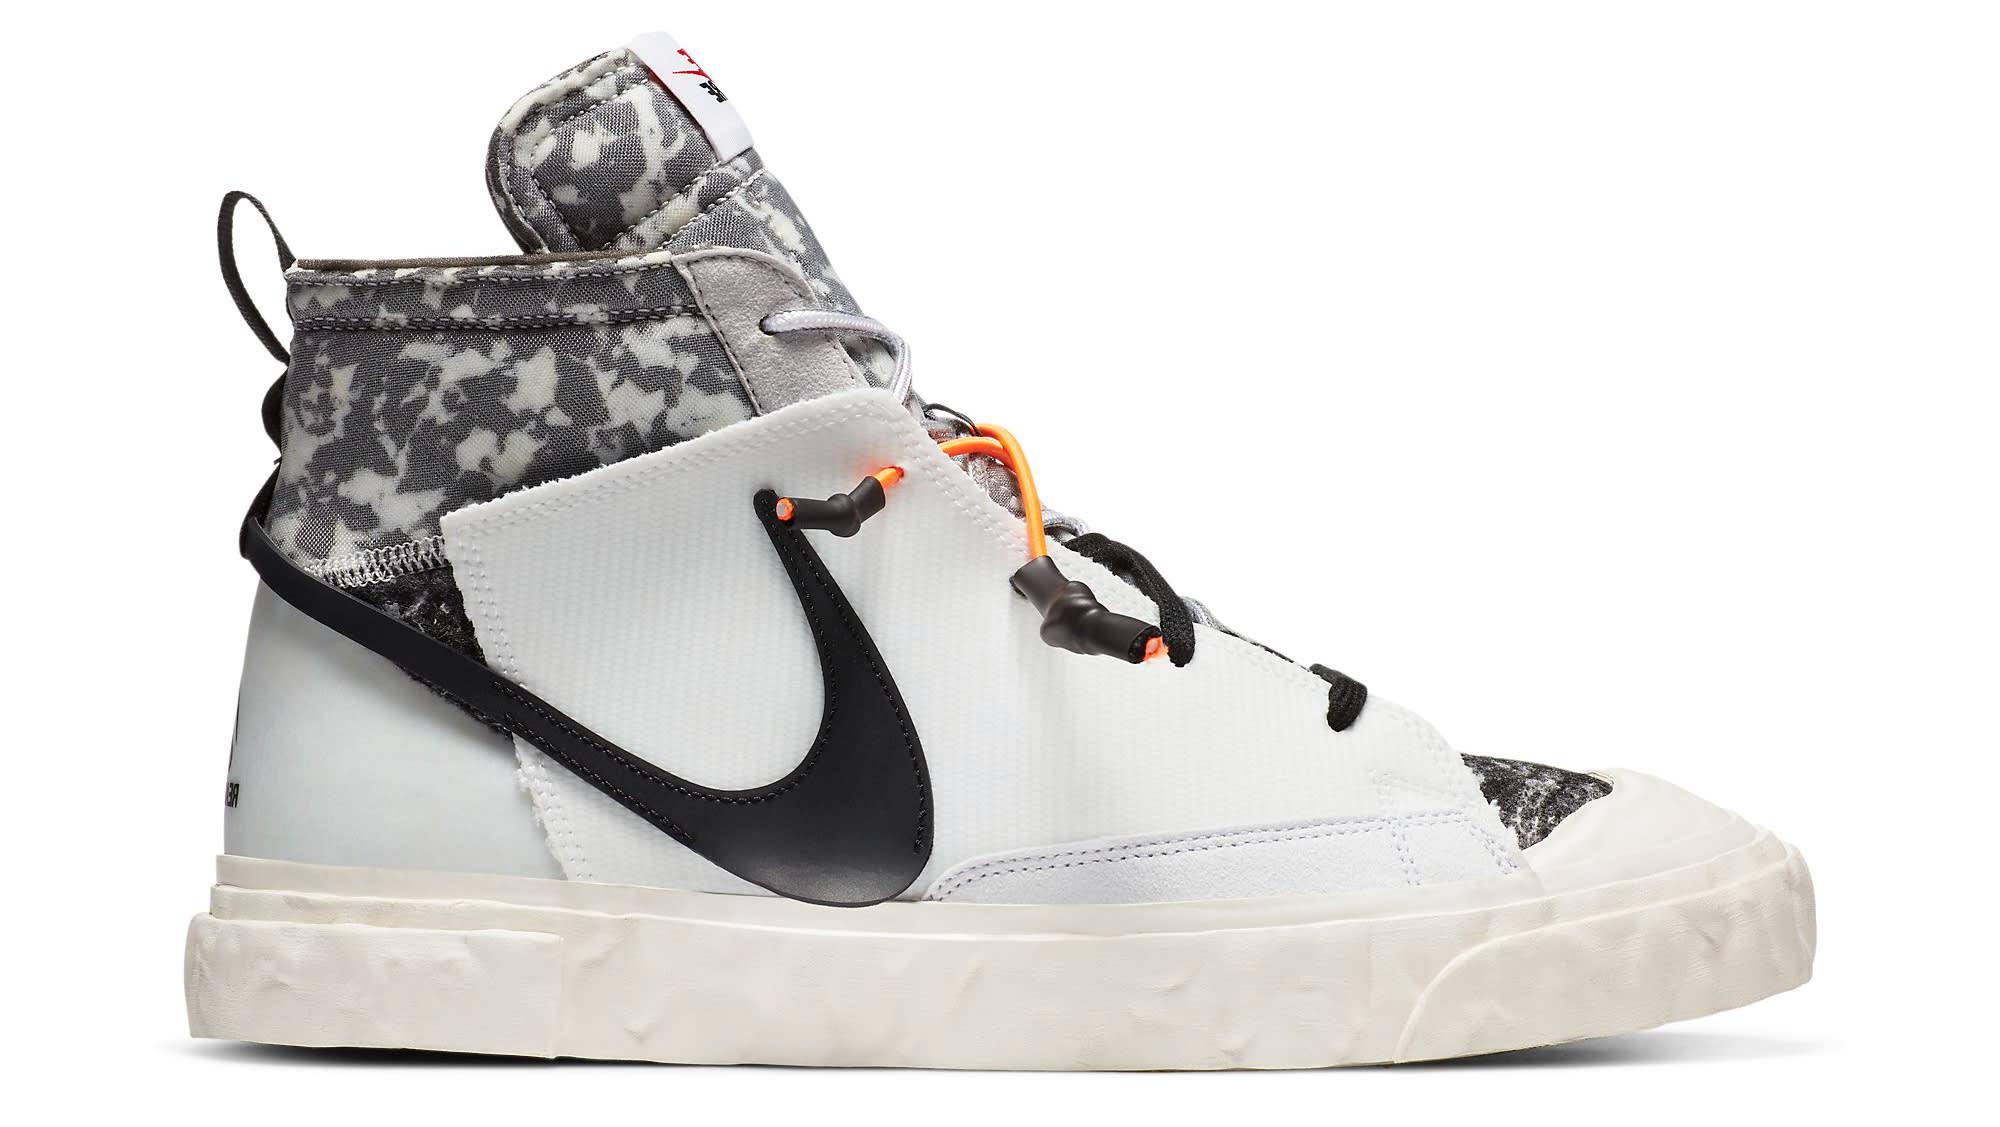 Readymade x Nike Blazer Mid 'White' CZ3589-100 Release Date